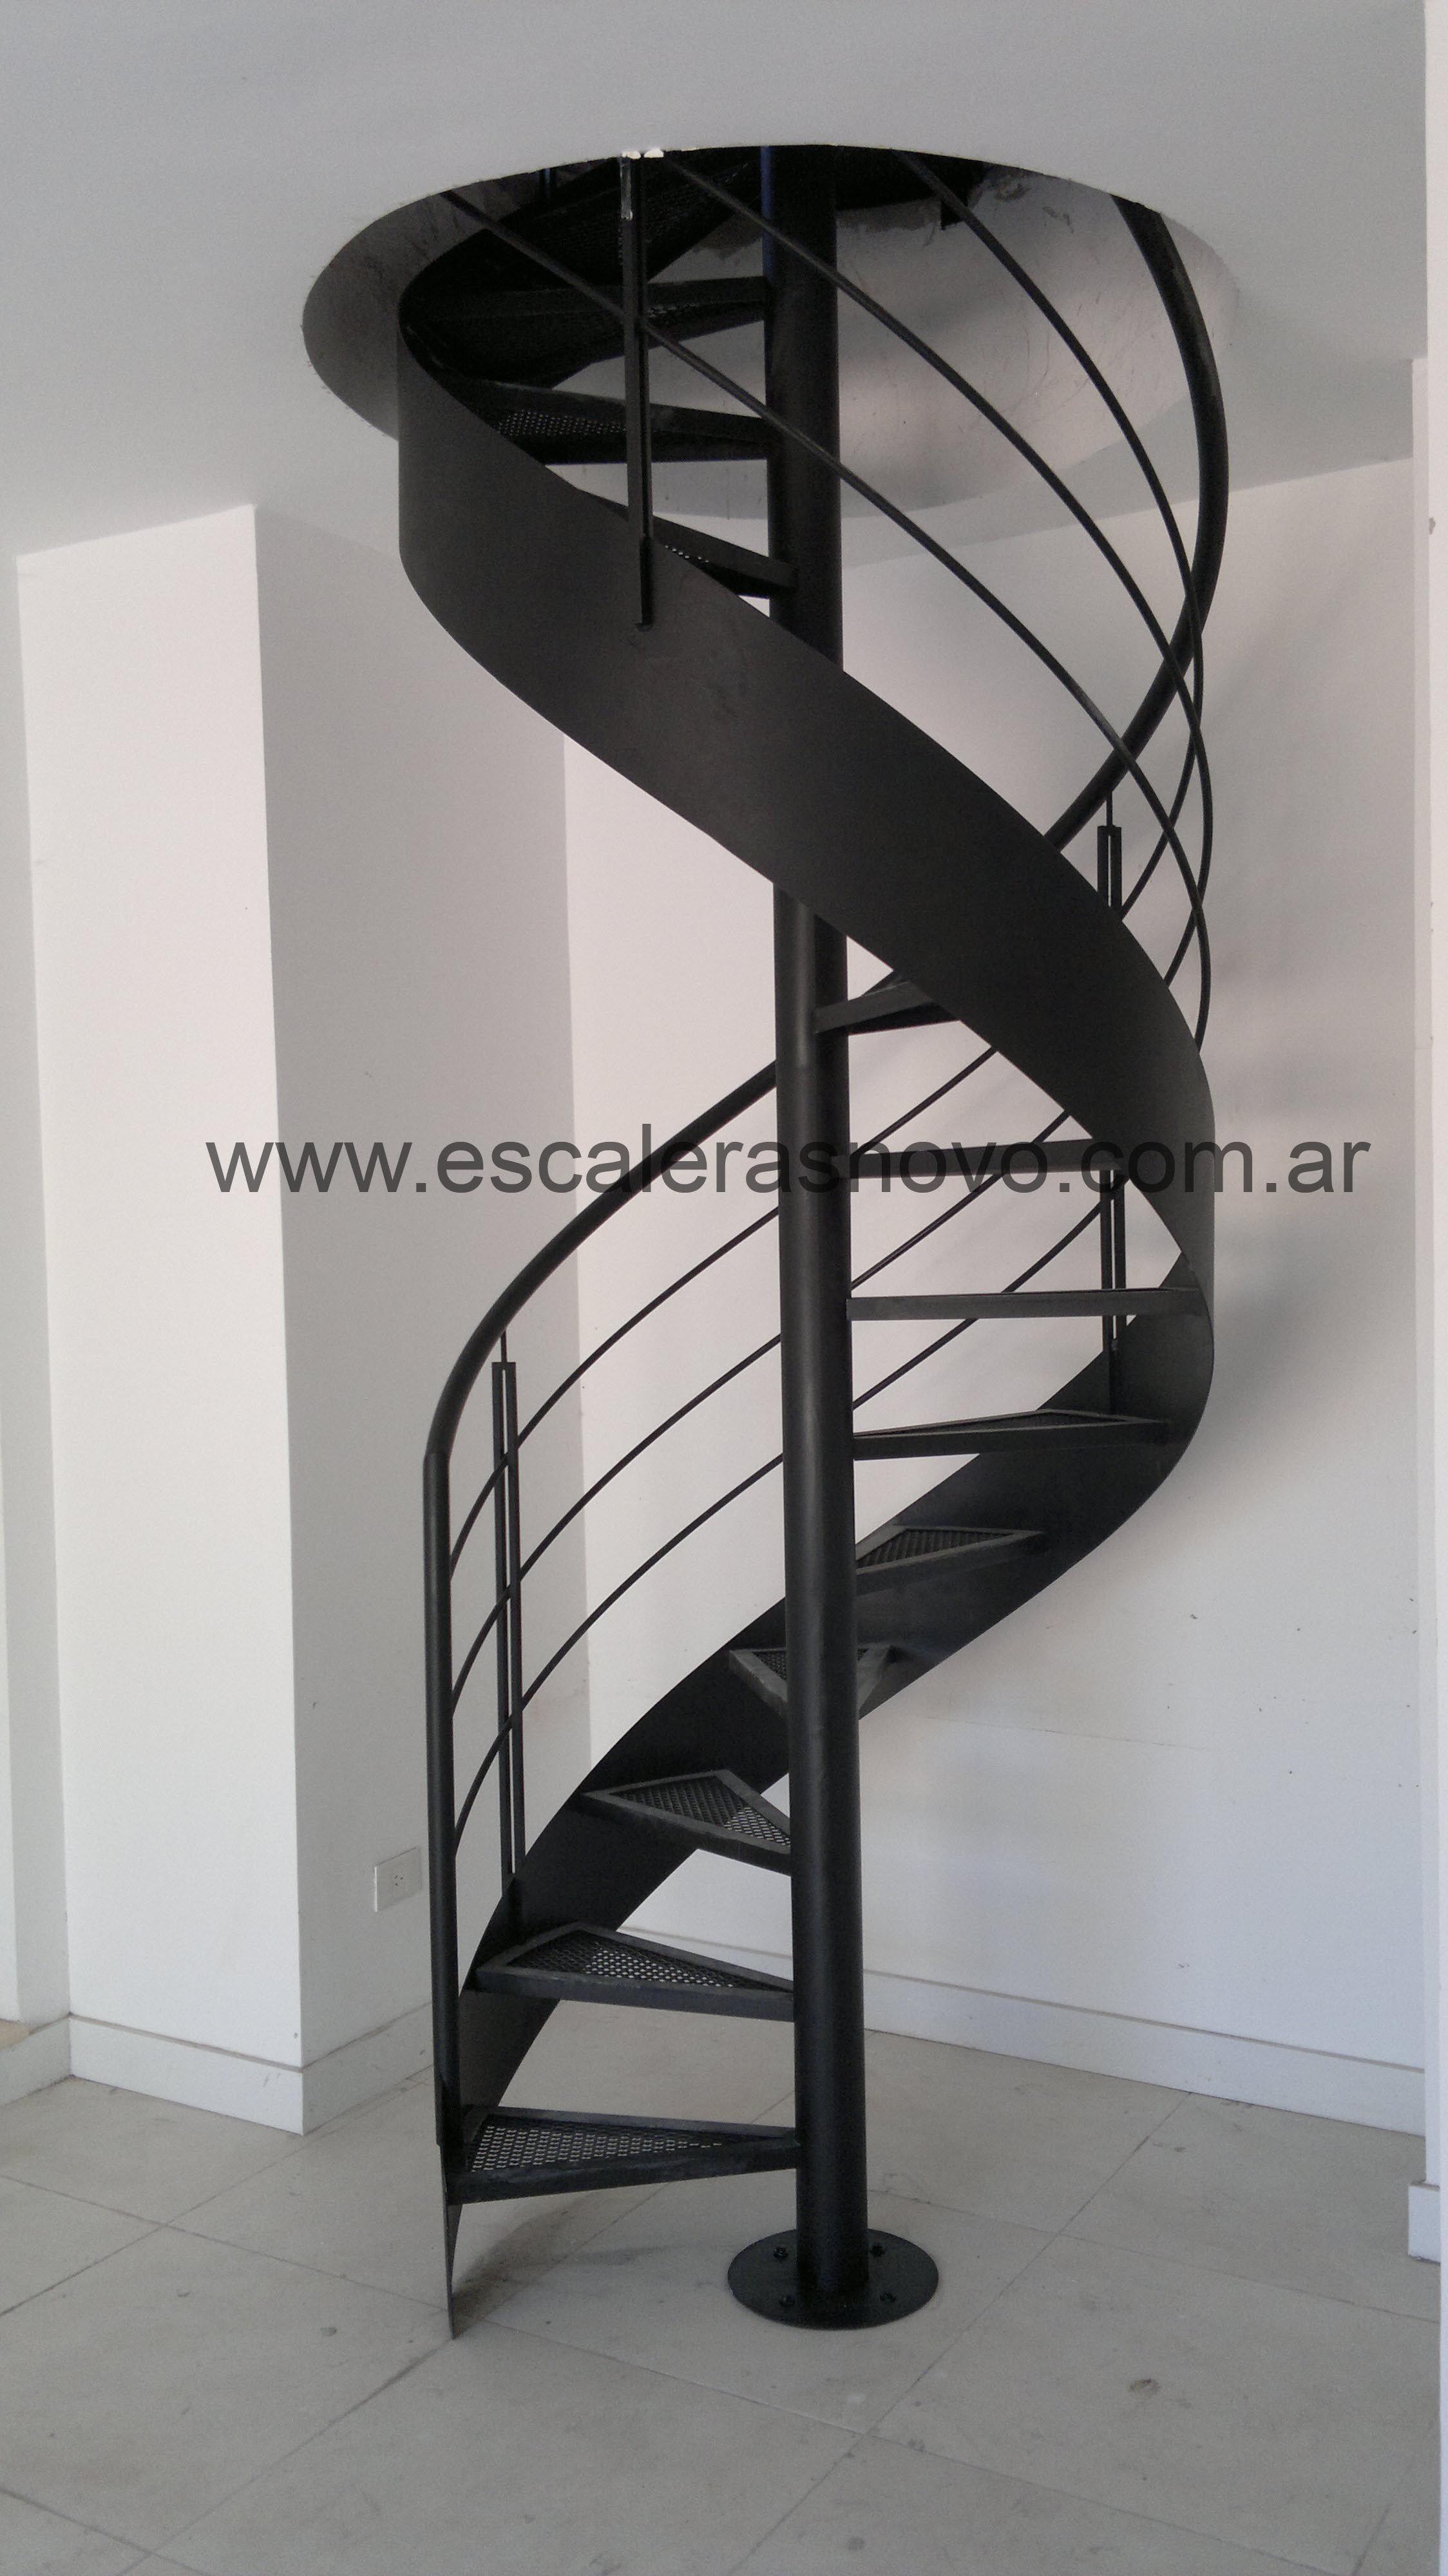 Escalera caracol con cinta n 24 venta de escaleras y - Imagenes de escaleras de caracol ...